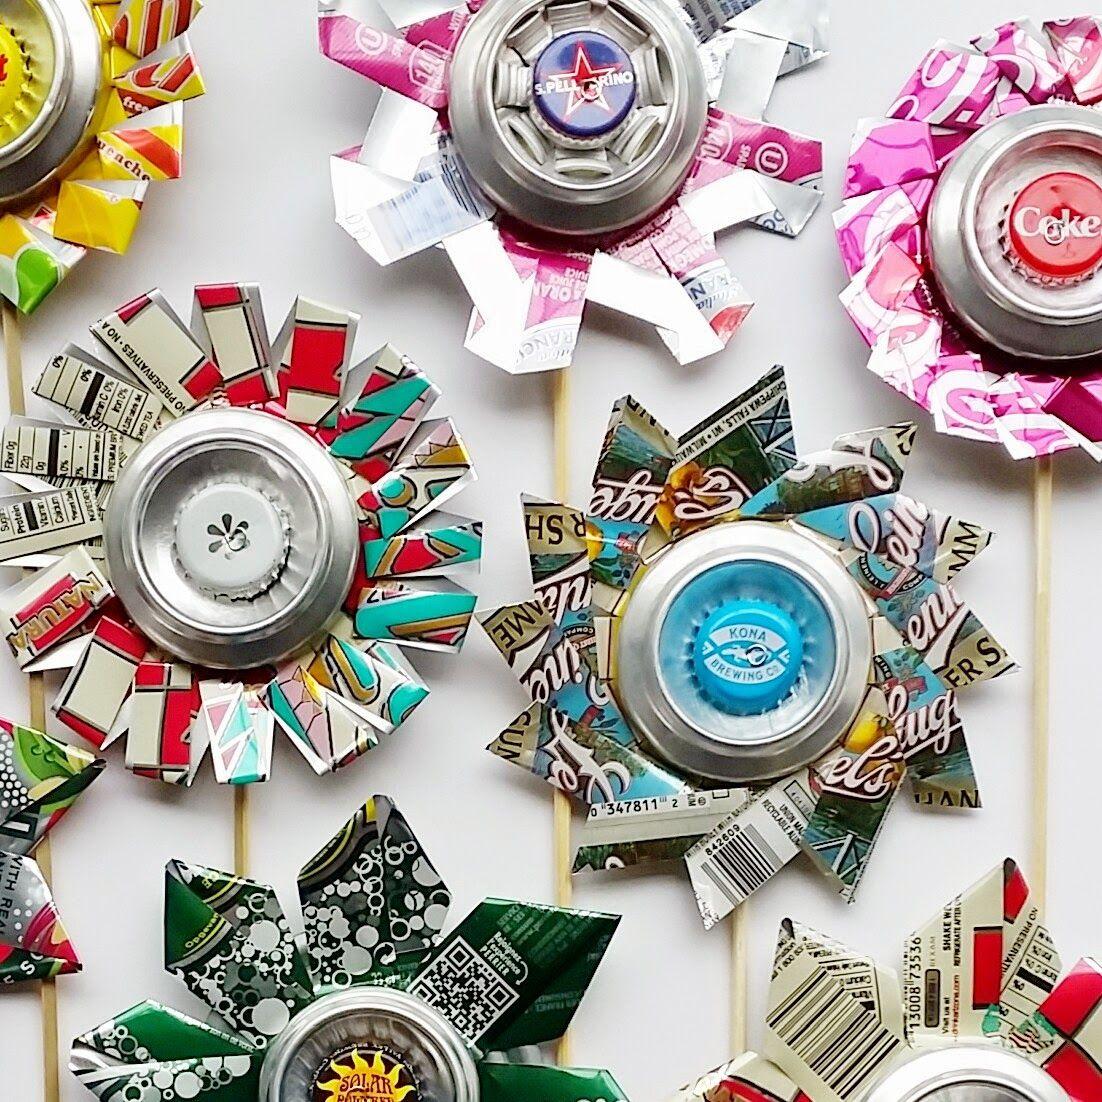 Цветы из жестяных банок - Бугага 42